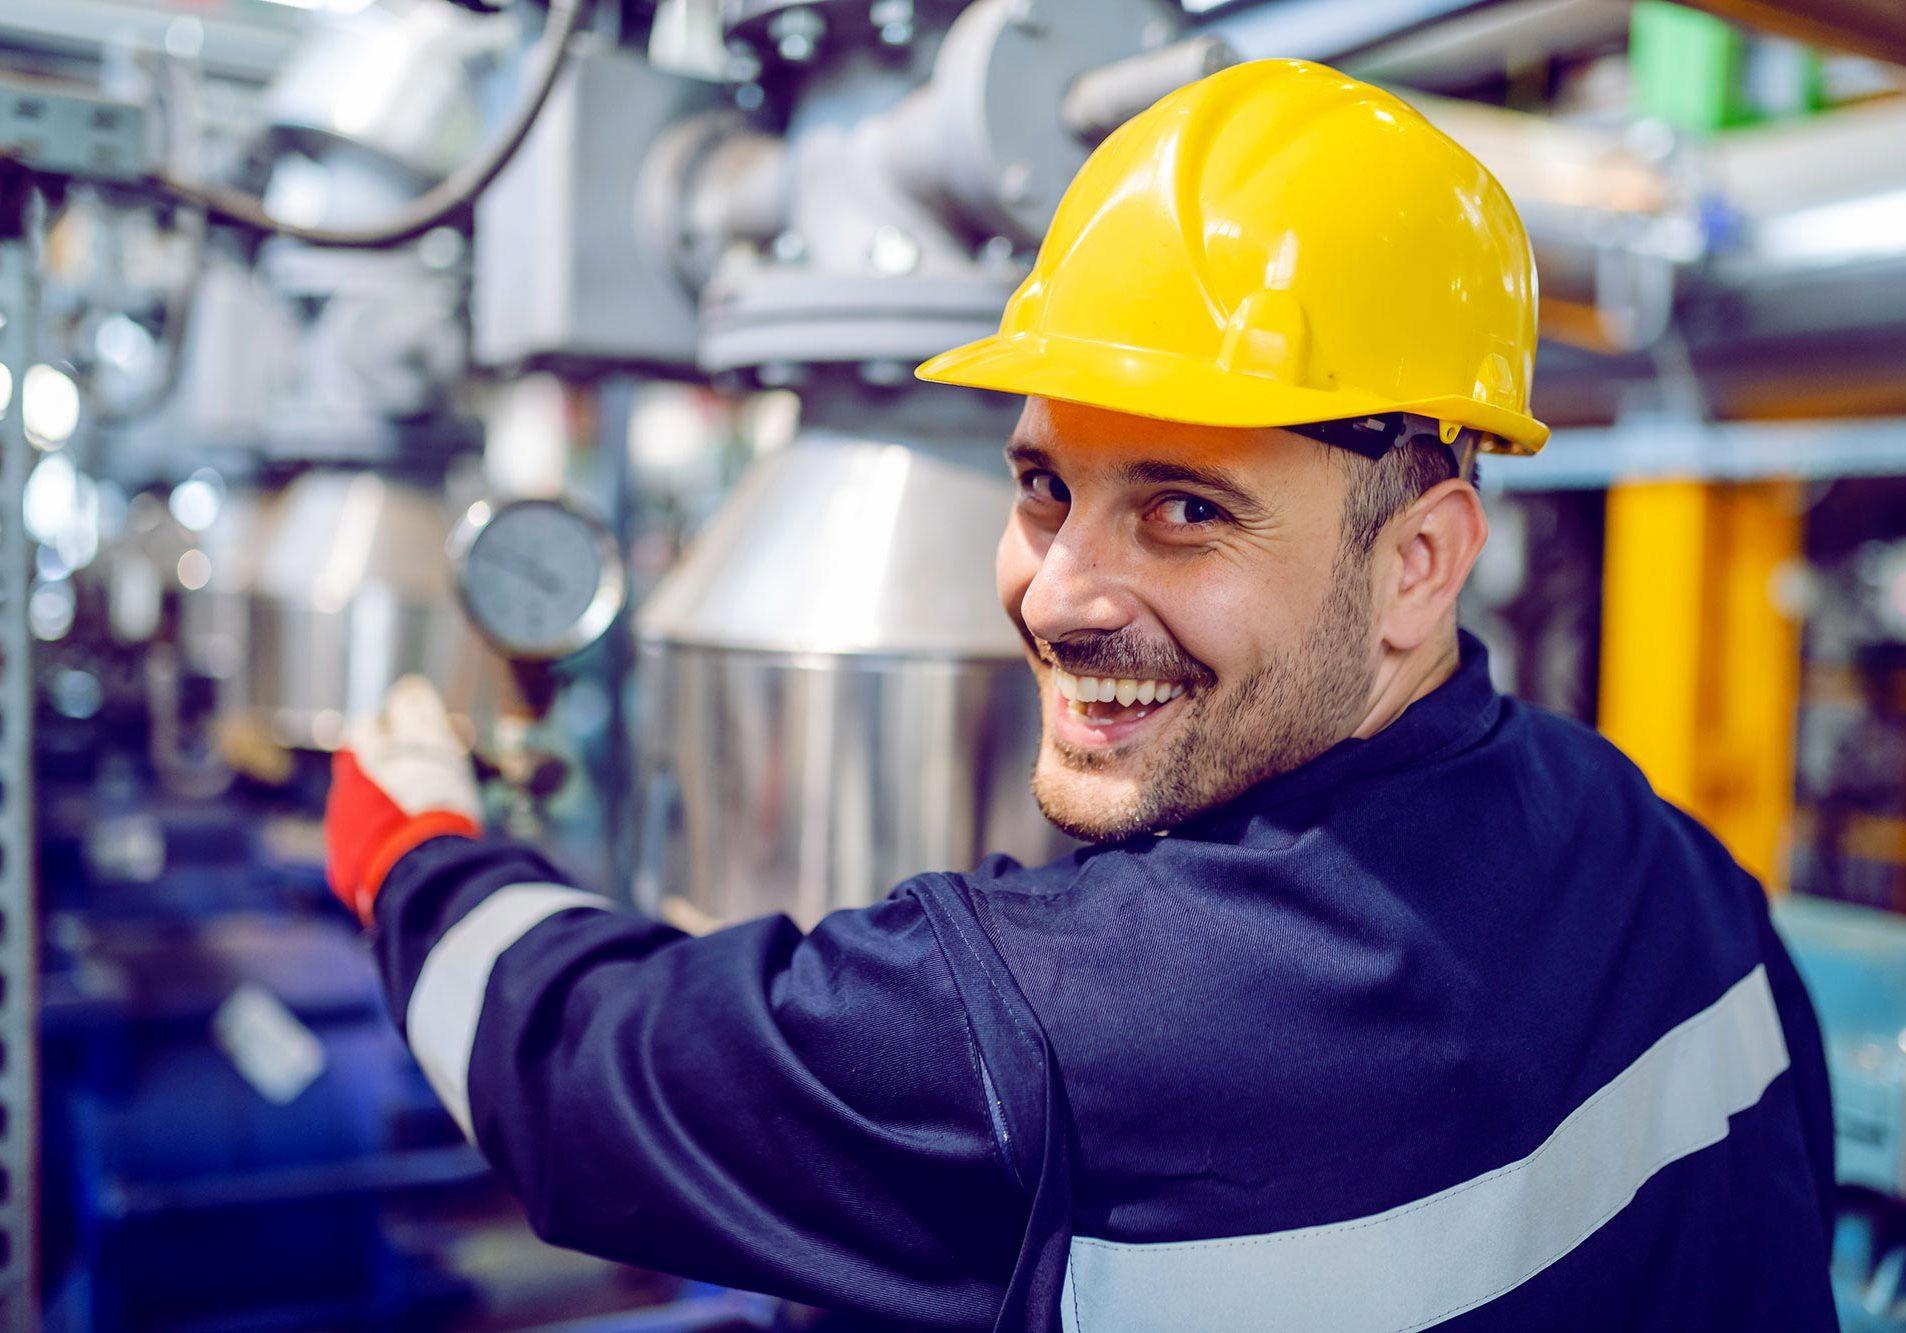 Ouvrier souriant avec casque jaune de sécurité